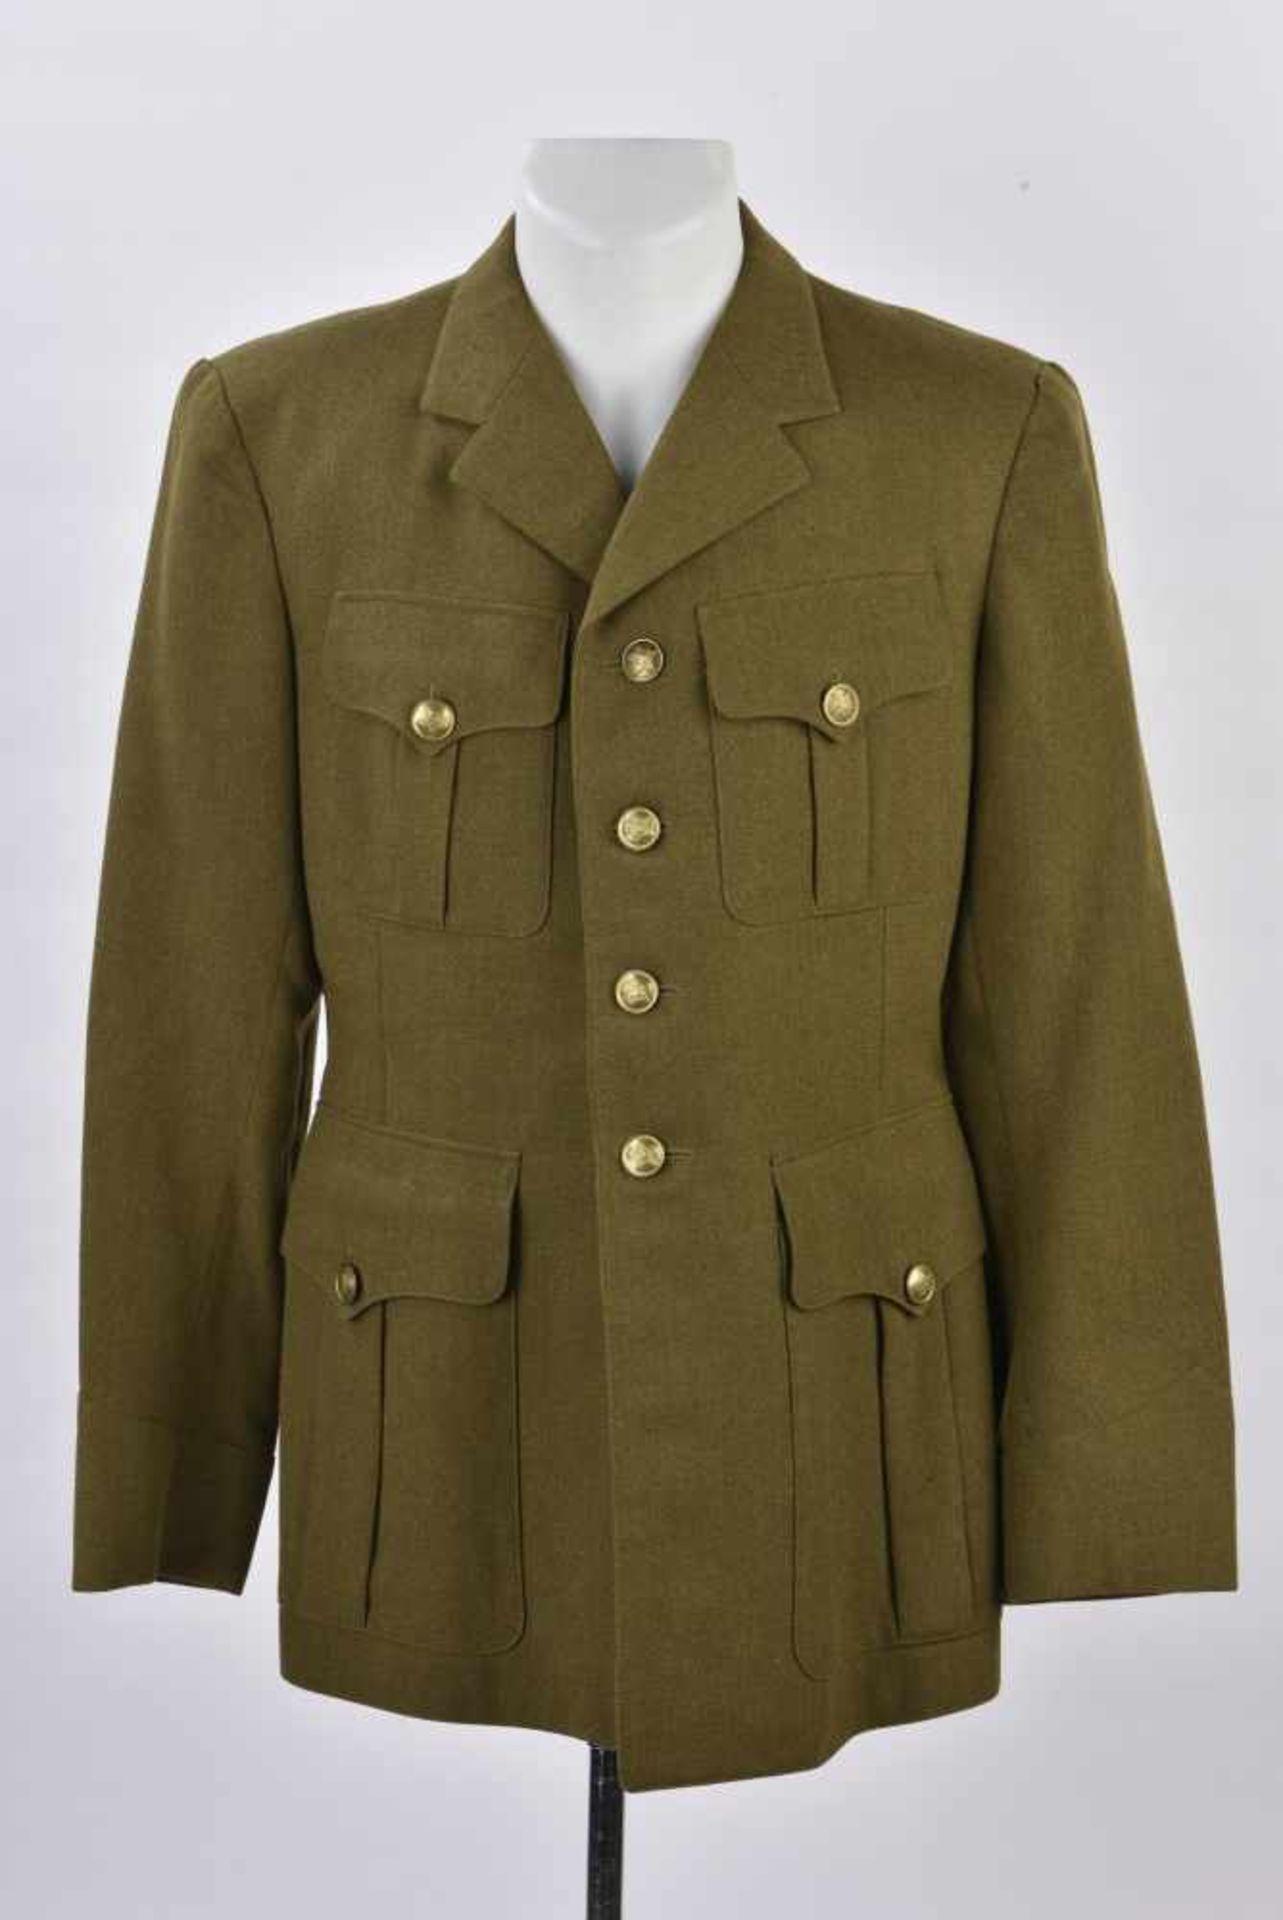 Vareuse French M.25 sans attributs. Bonne taille, complète et en TBE. French' jacket M.25, without